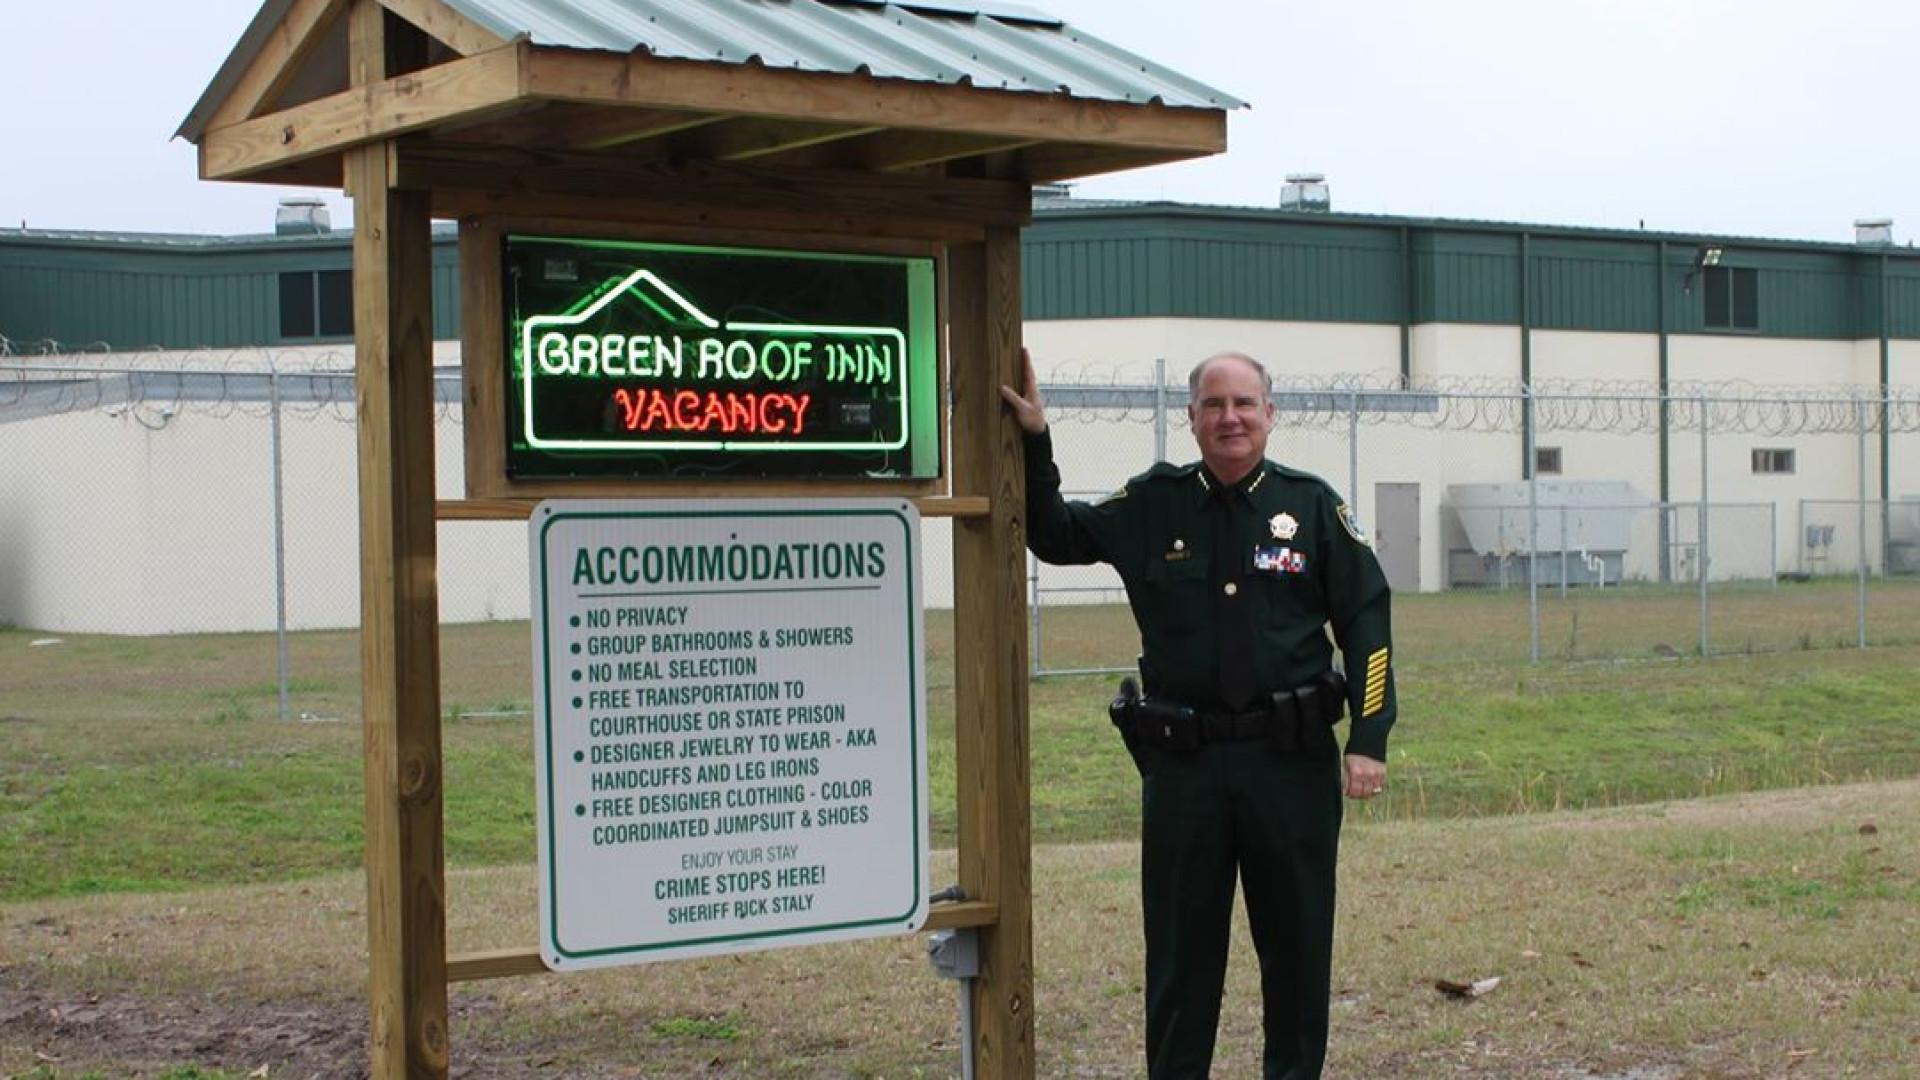 Há vagas de alojamento no Green Roof Inn...que na realidade é uma prisão